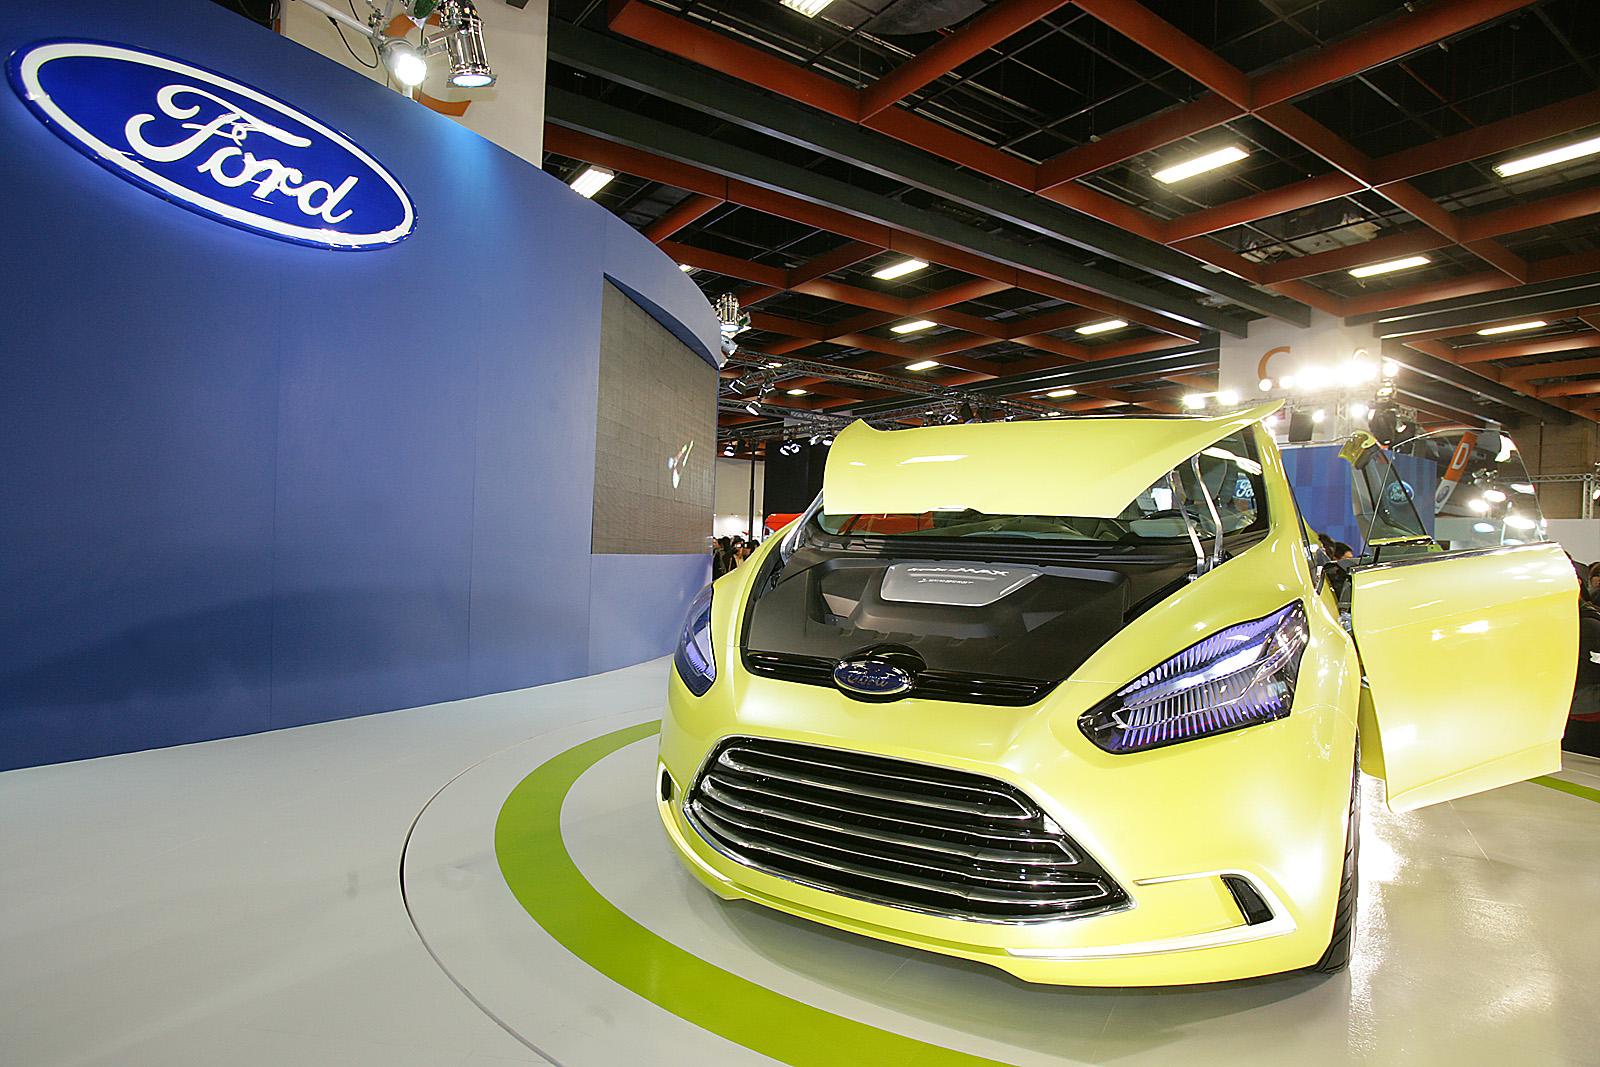 iosis MAX動能美學概念車所搭載的EcoBoost渦輪增壓直噴汽油引擎,引爆節能減碳議,並吸引眾多參觀台北車展民眾詢問,成為展場的火...